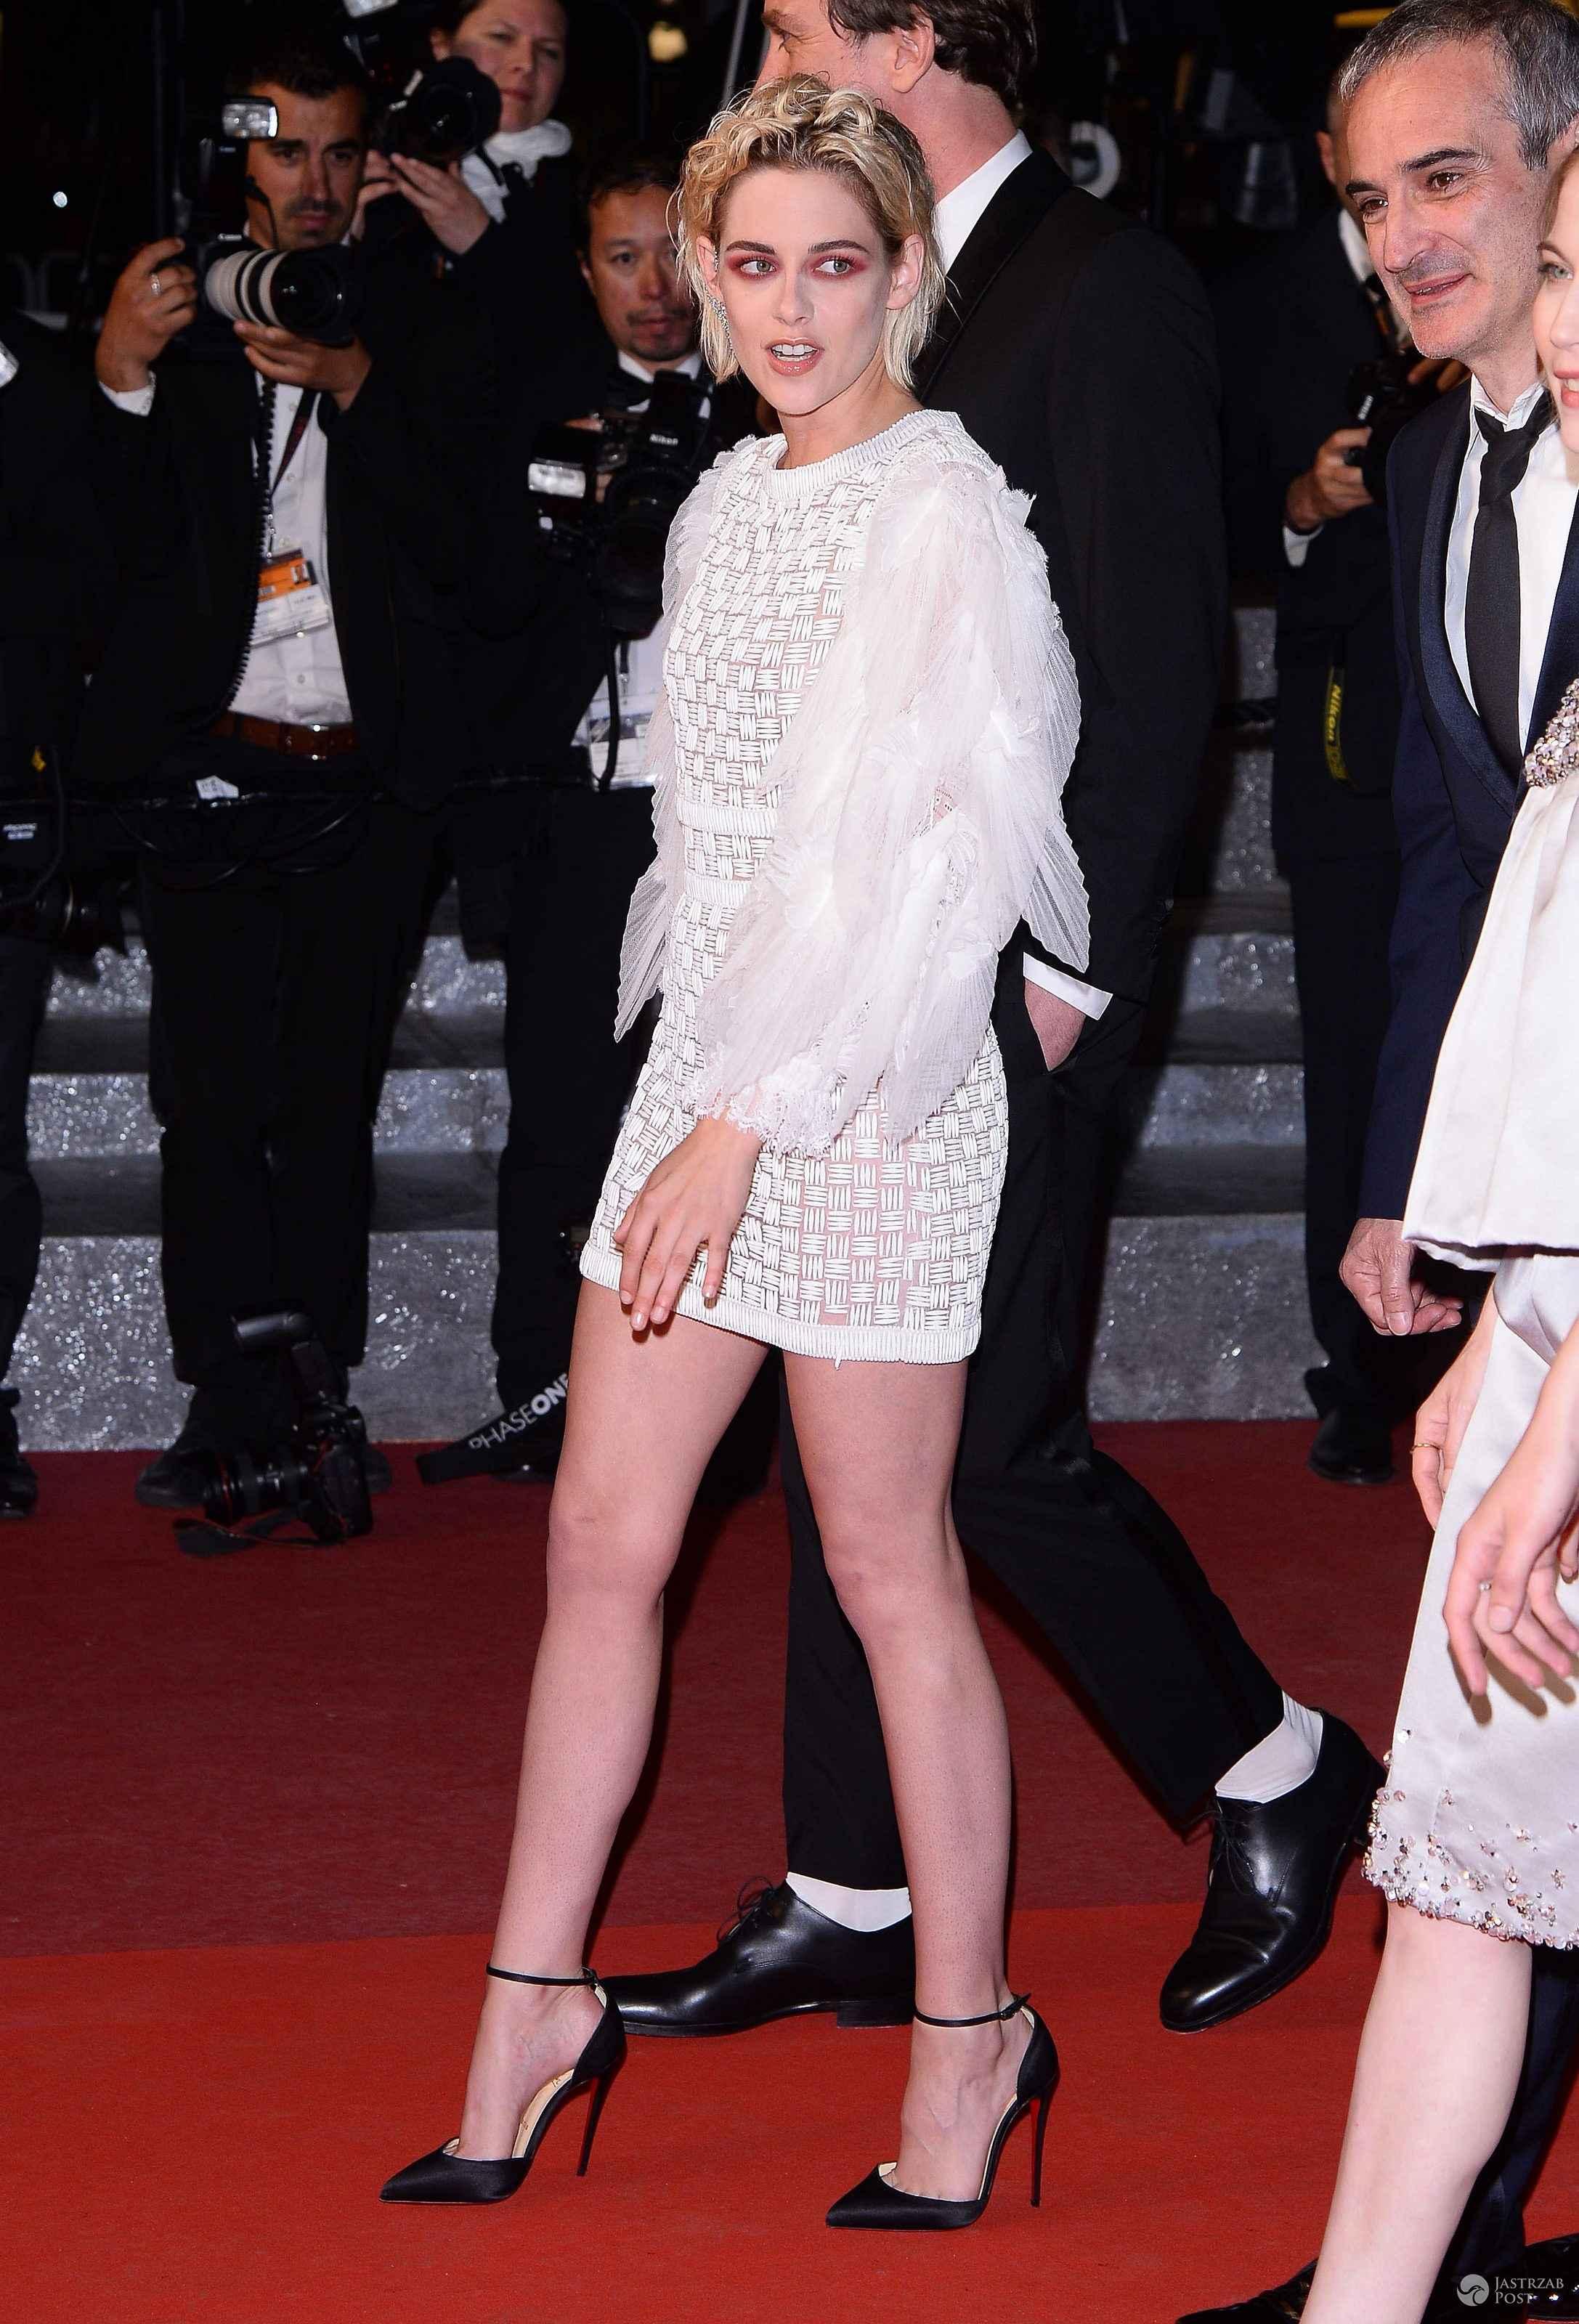 """Sukienka: Chanel, buty: Christian Louboutin. Kristen Stewart na premierze filmu """"Personal Shopper"""", festiwal w Cannes 2016 (fot. ONS)"""